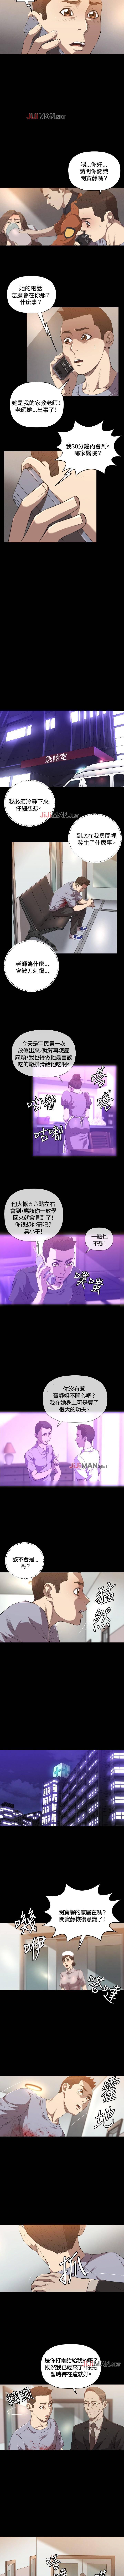 【已完结】索多玛俱乐部(作者:何藝媛&庫奈尼) 第1~32话 113